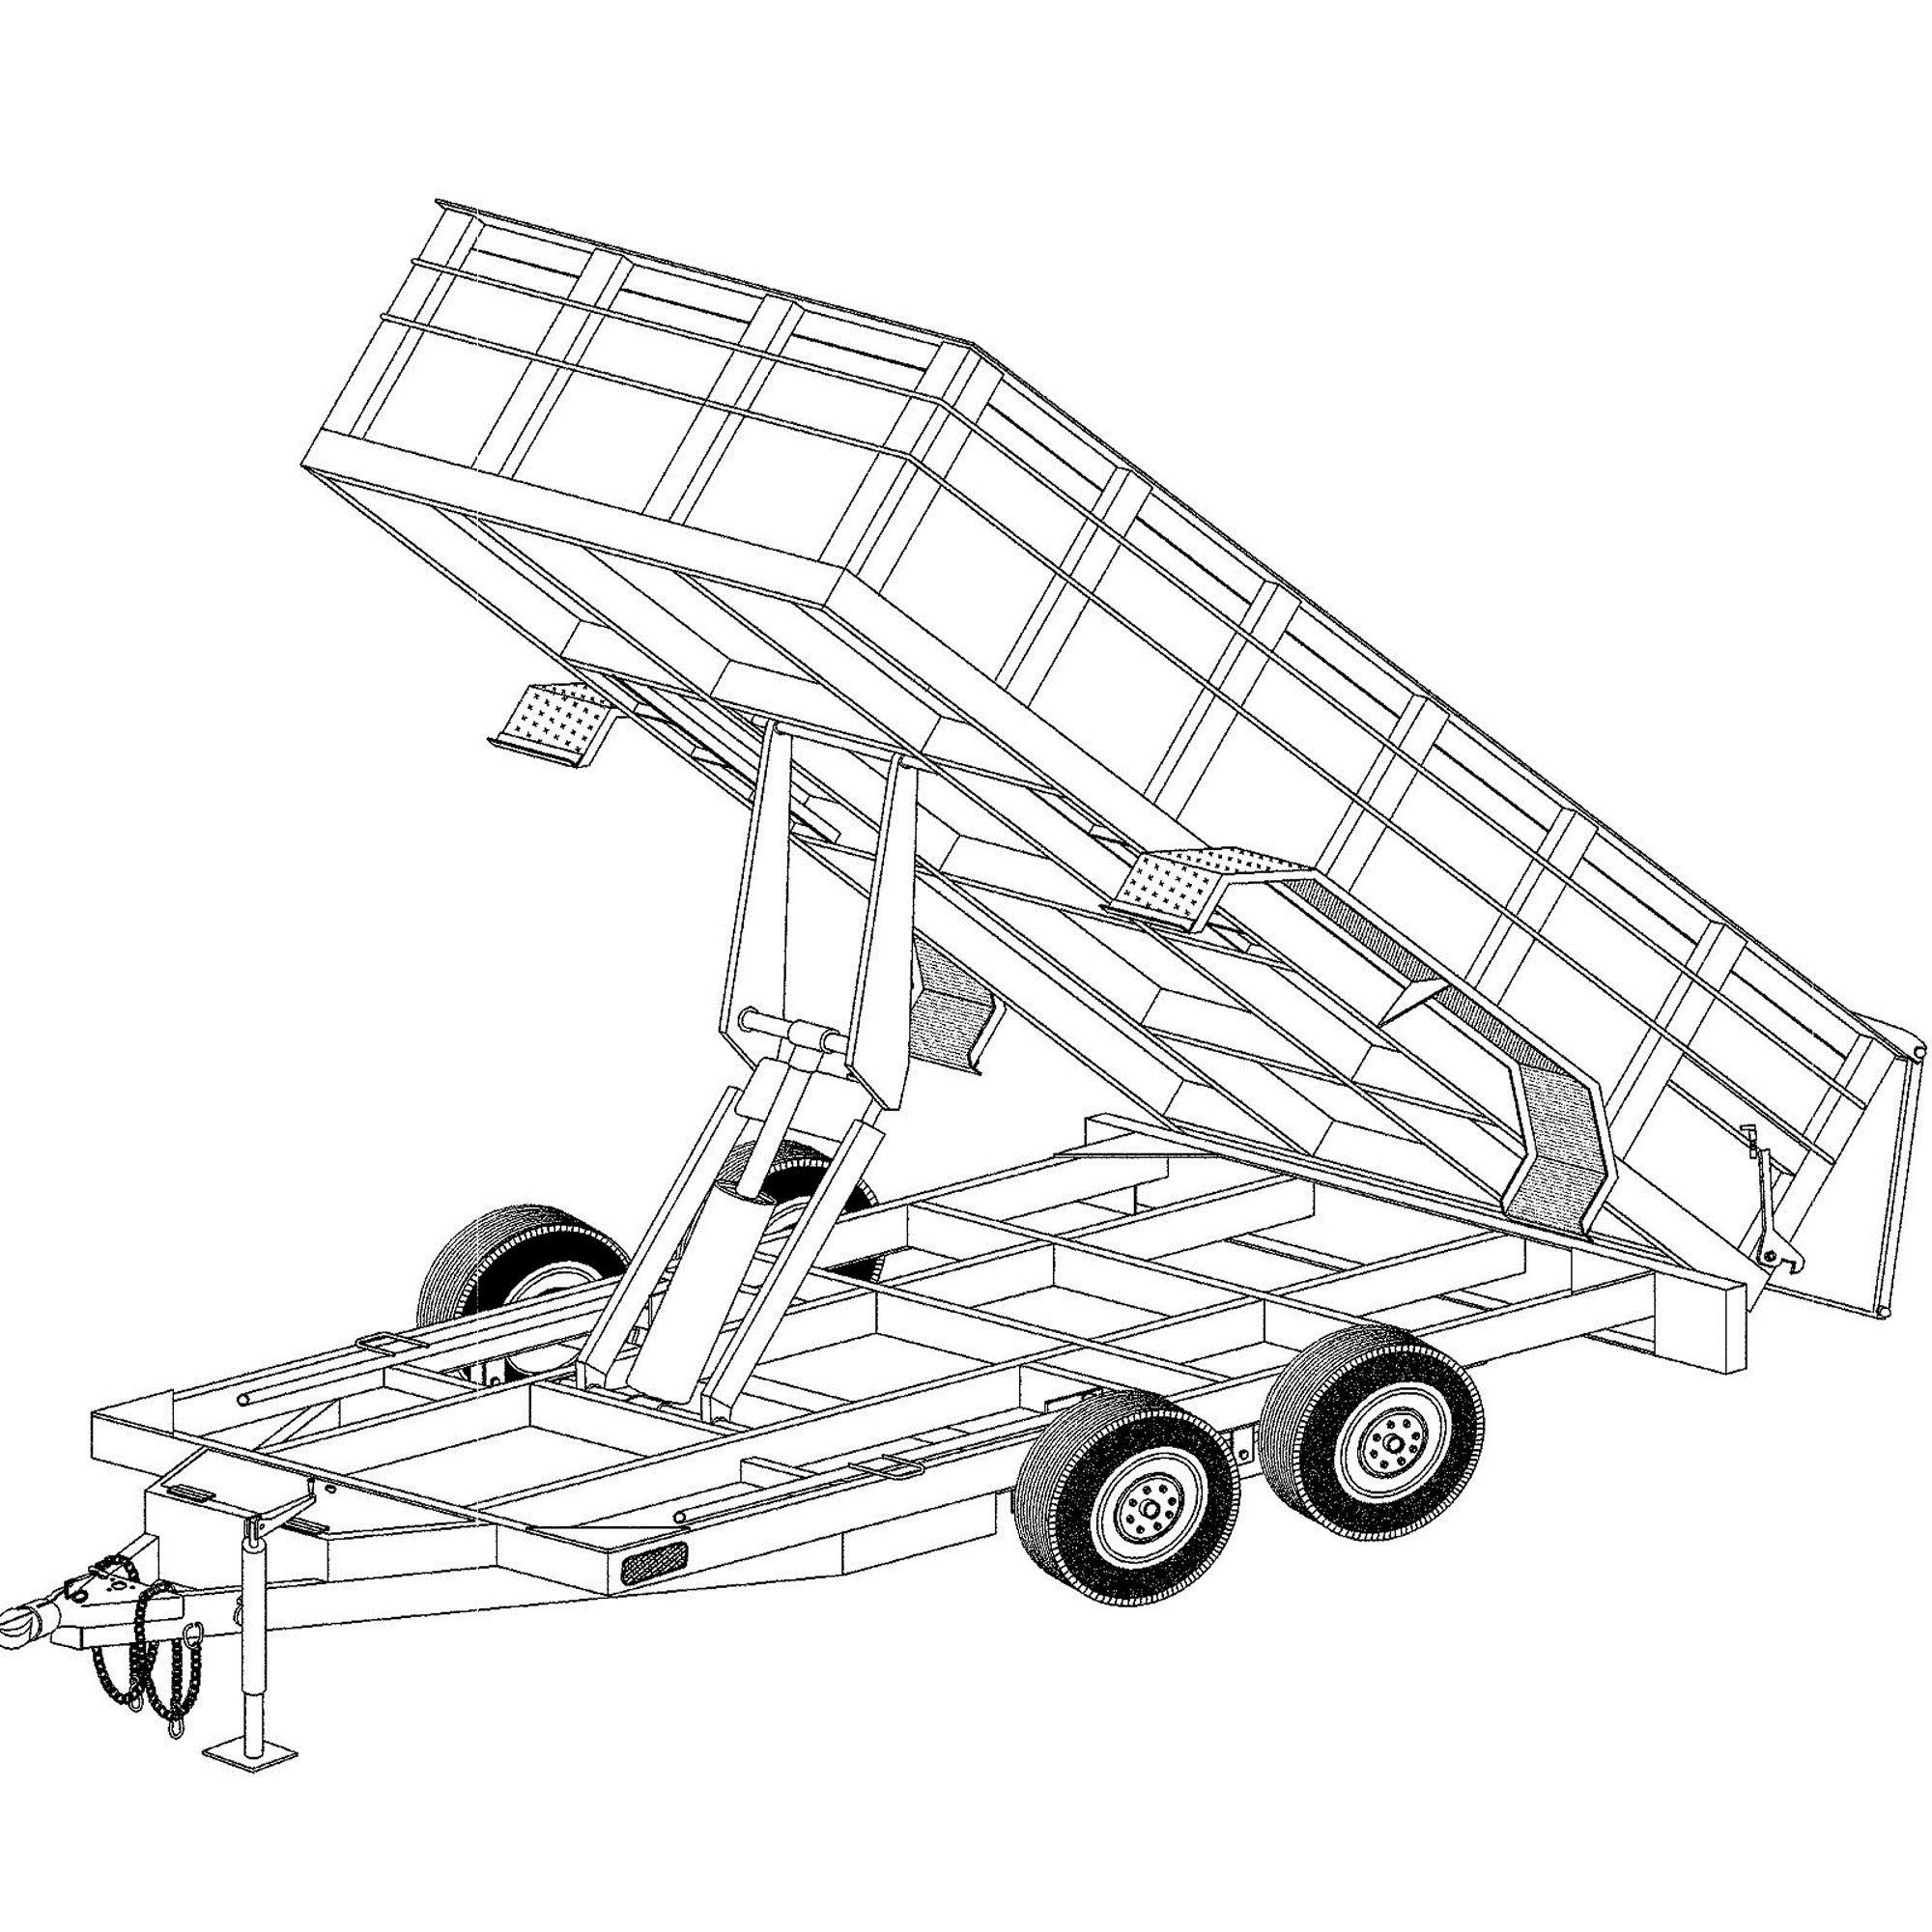 6\'4″ x 14′ hydraulic dump trailer plans model 14hd